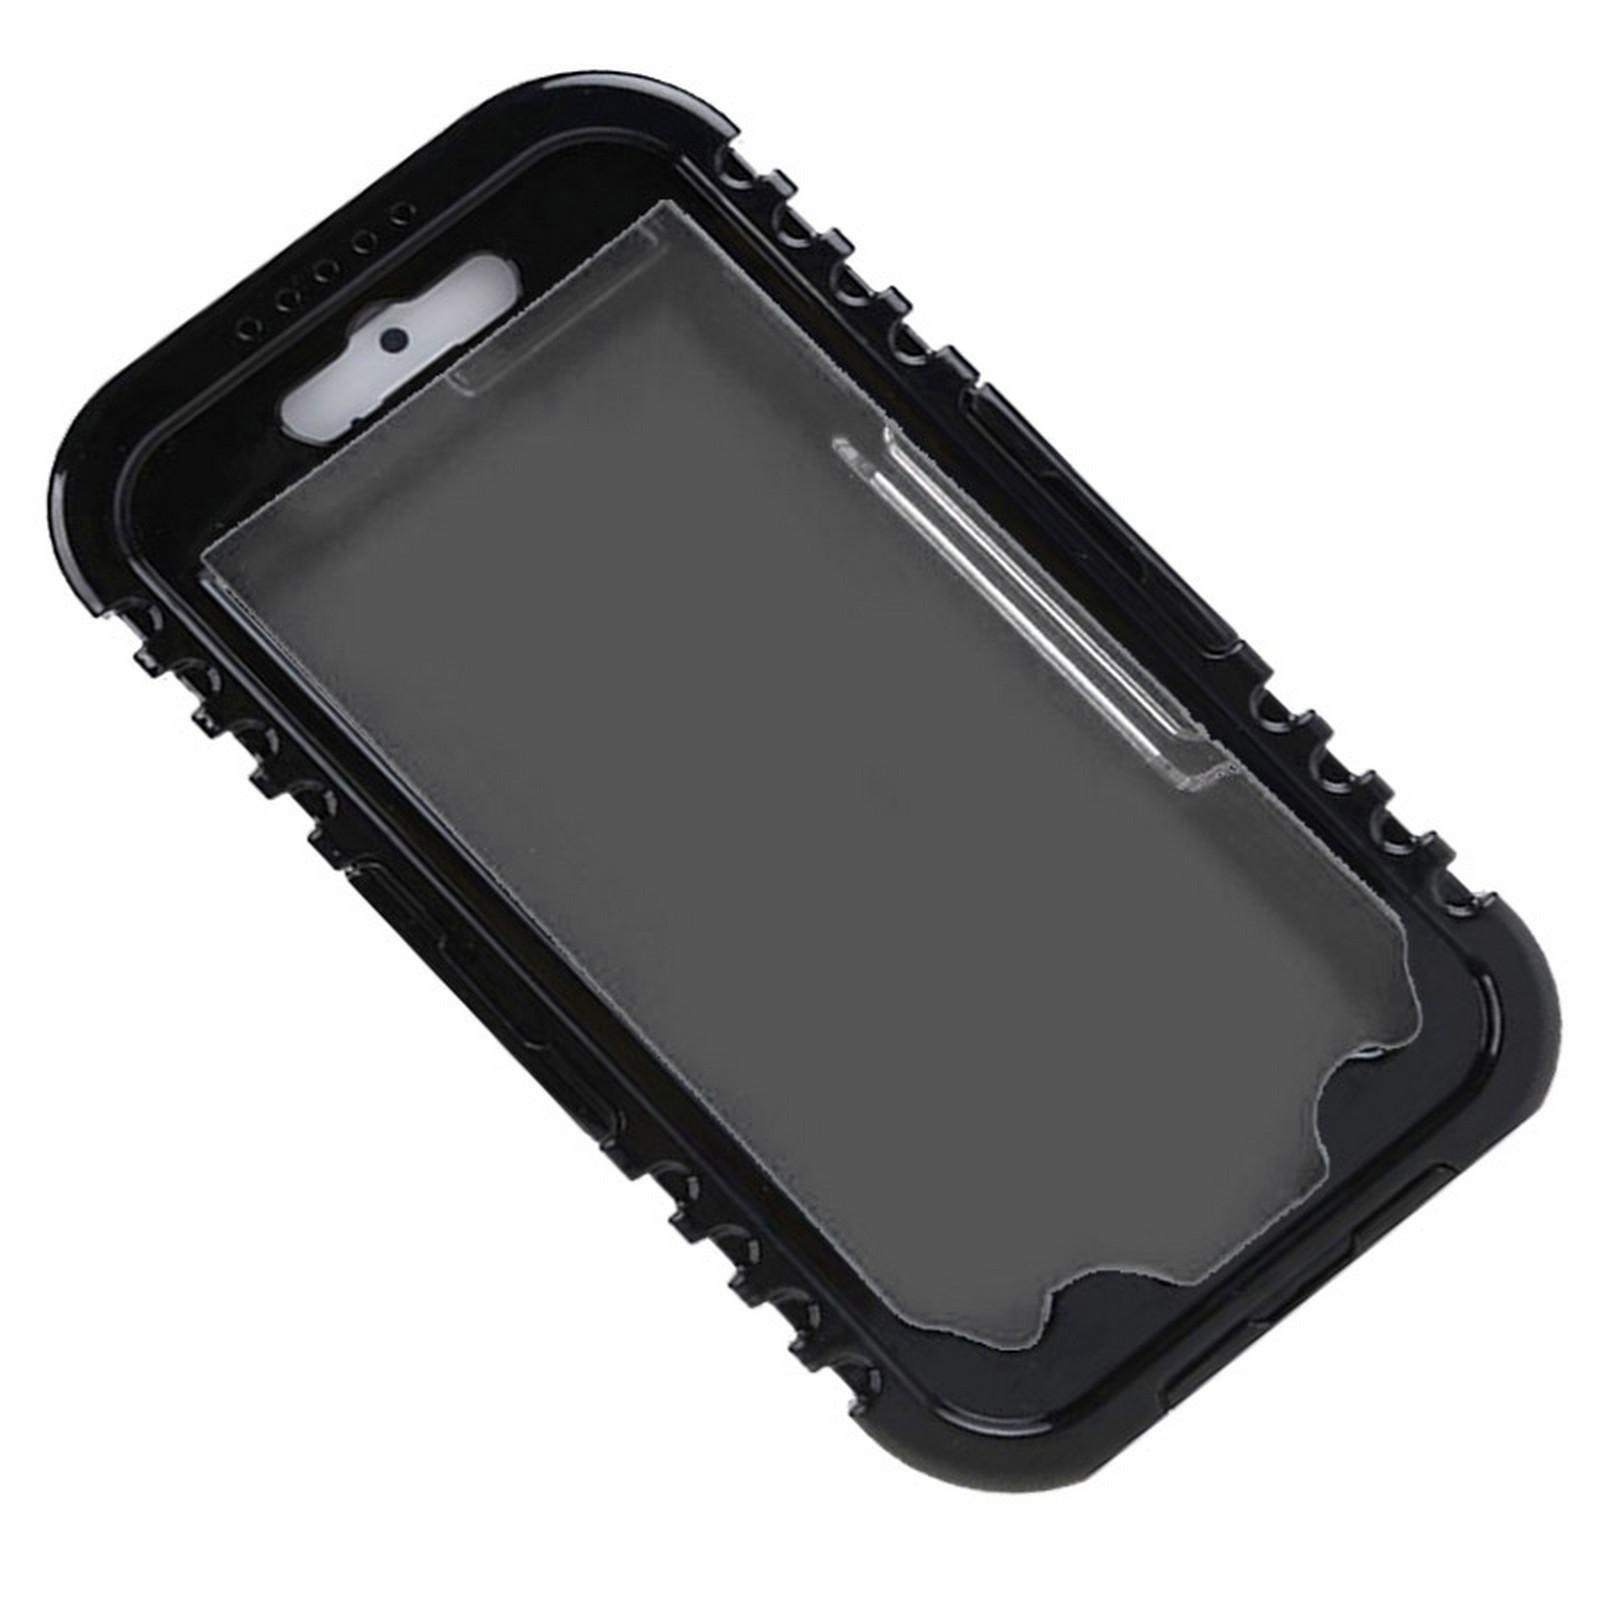 custodia iphone 6s antiacqua